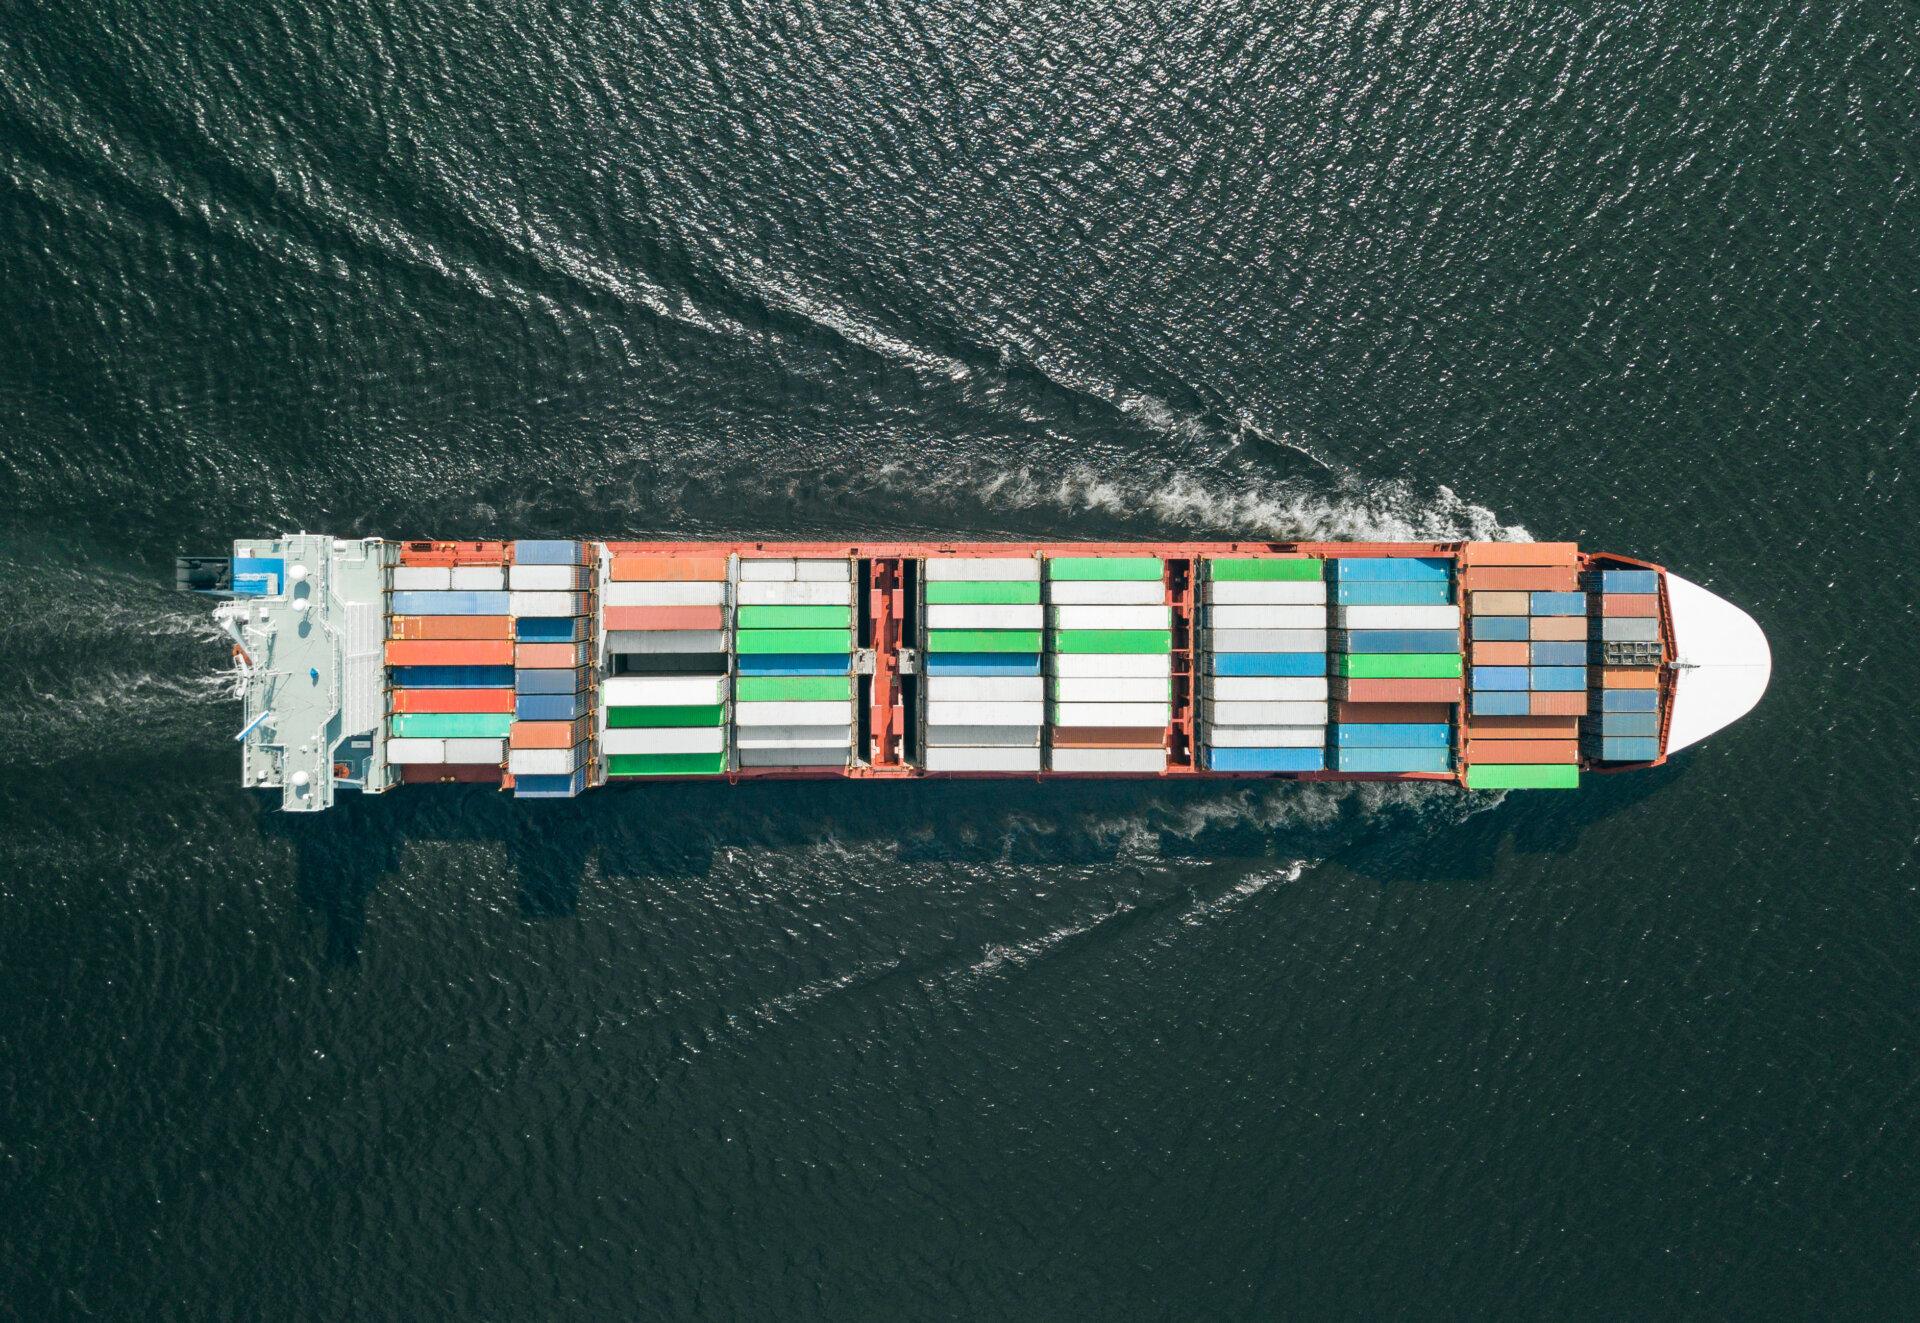 スエズ運河の座礁船は日本が所有か!?損害額は1日1兆円に!